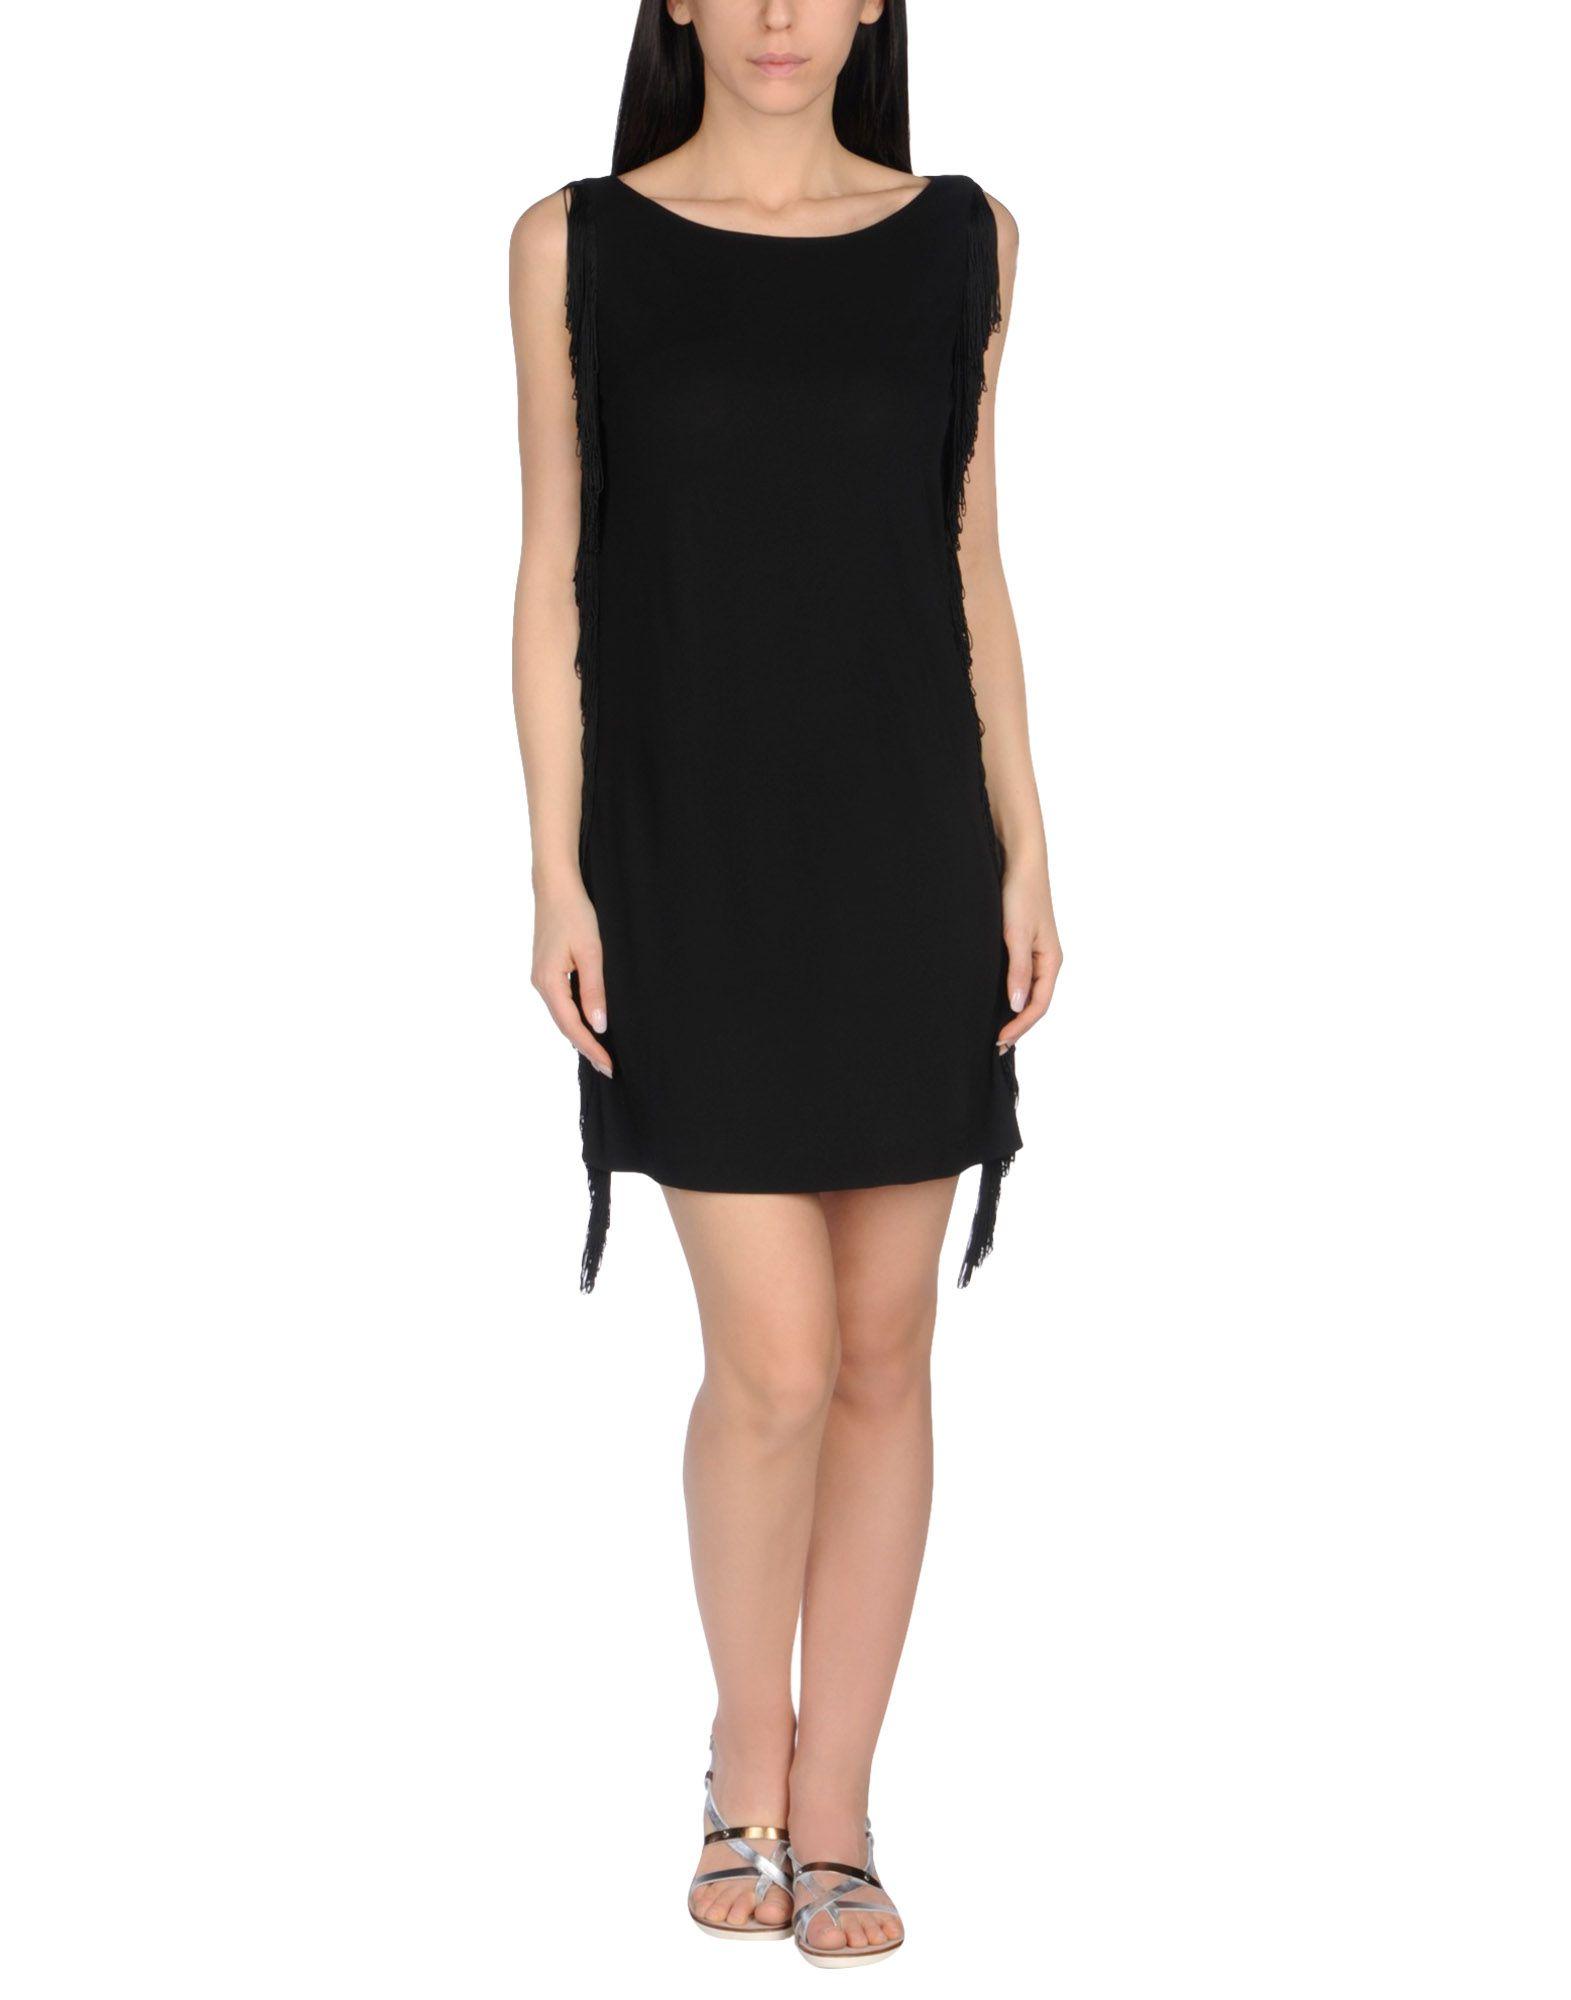 купить SOLOBLU Пляжное платье по цене 3800 рублей